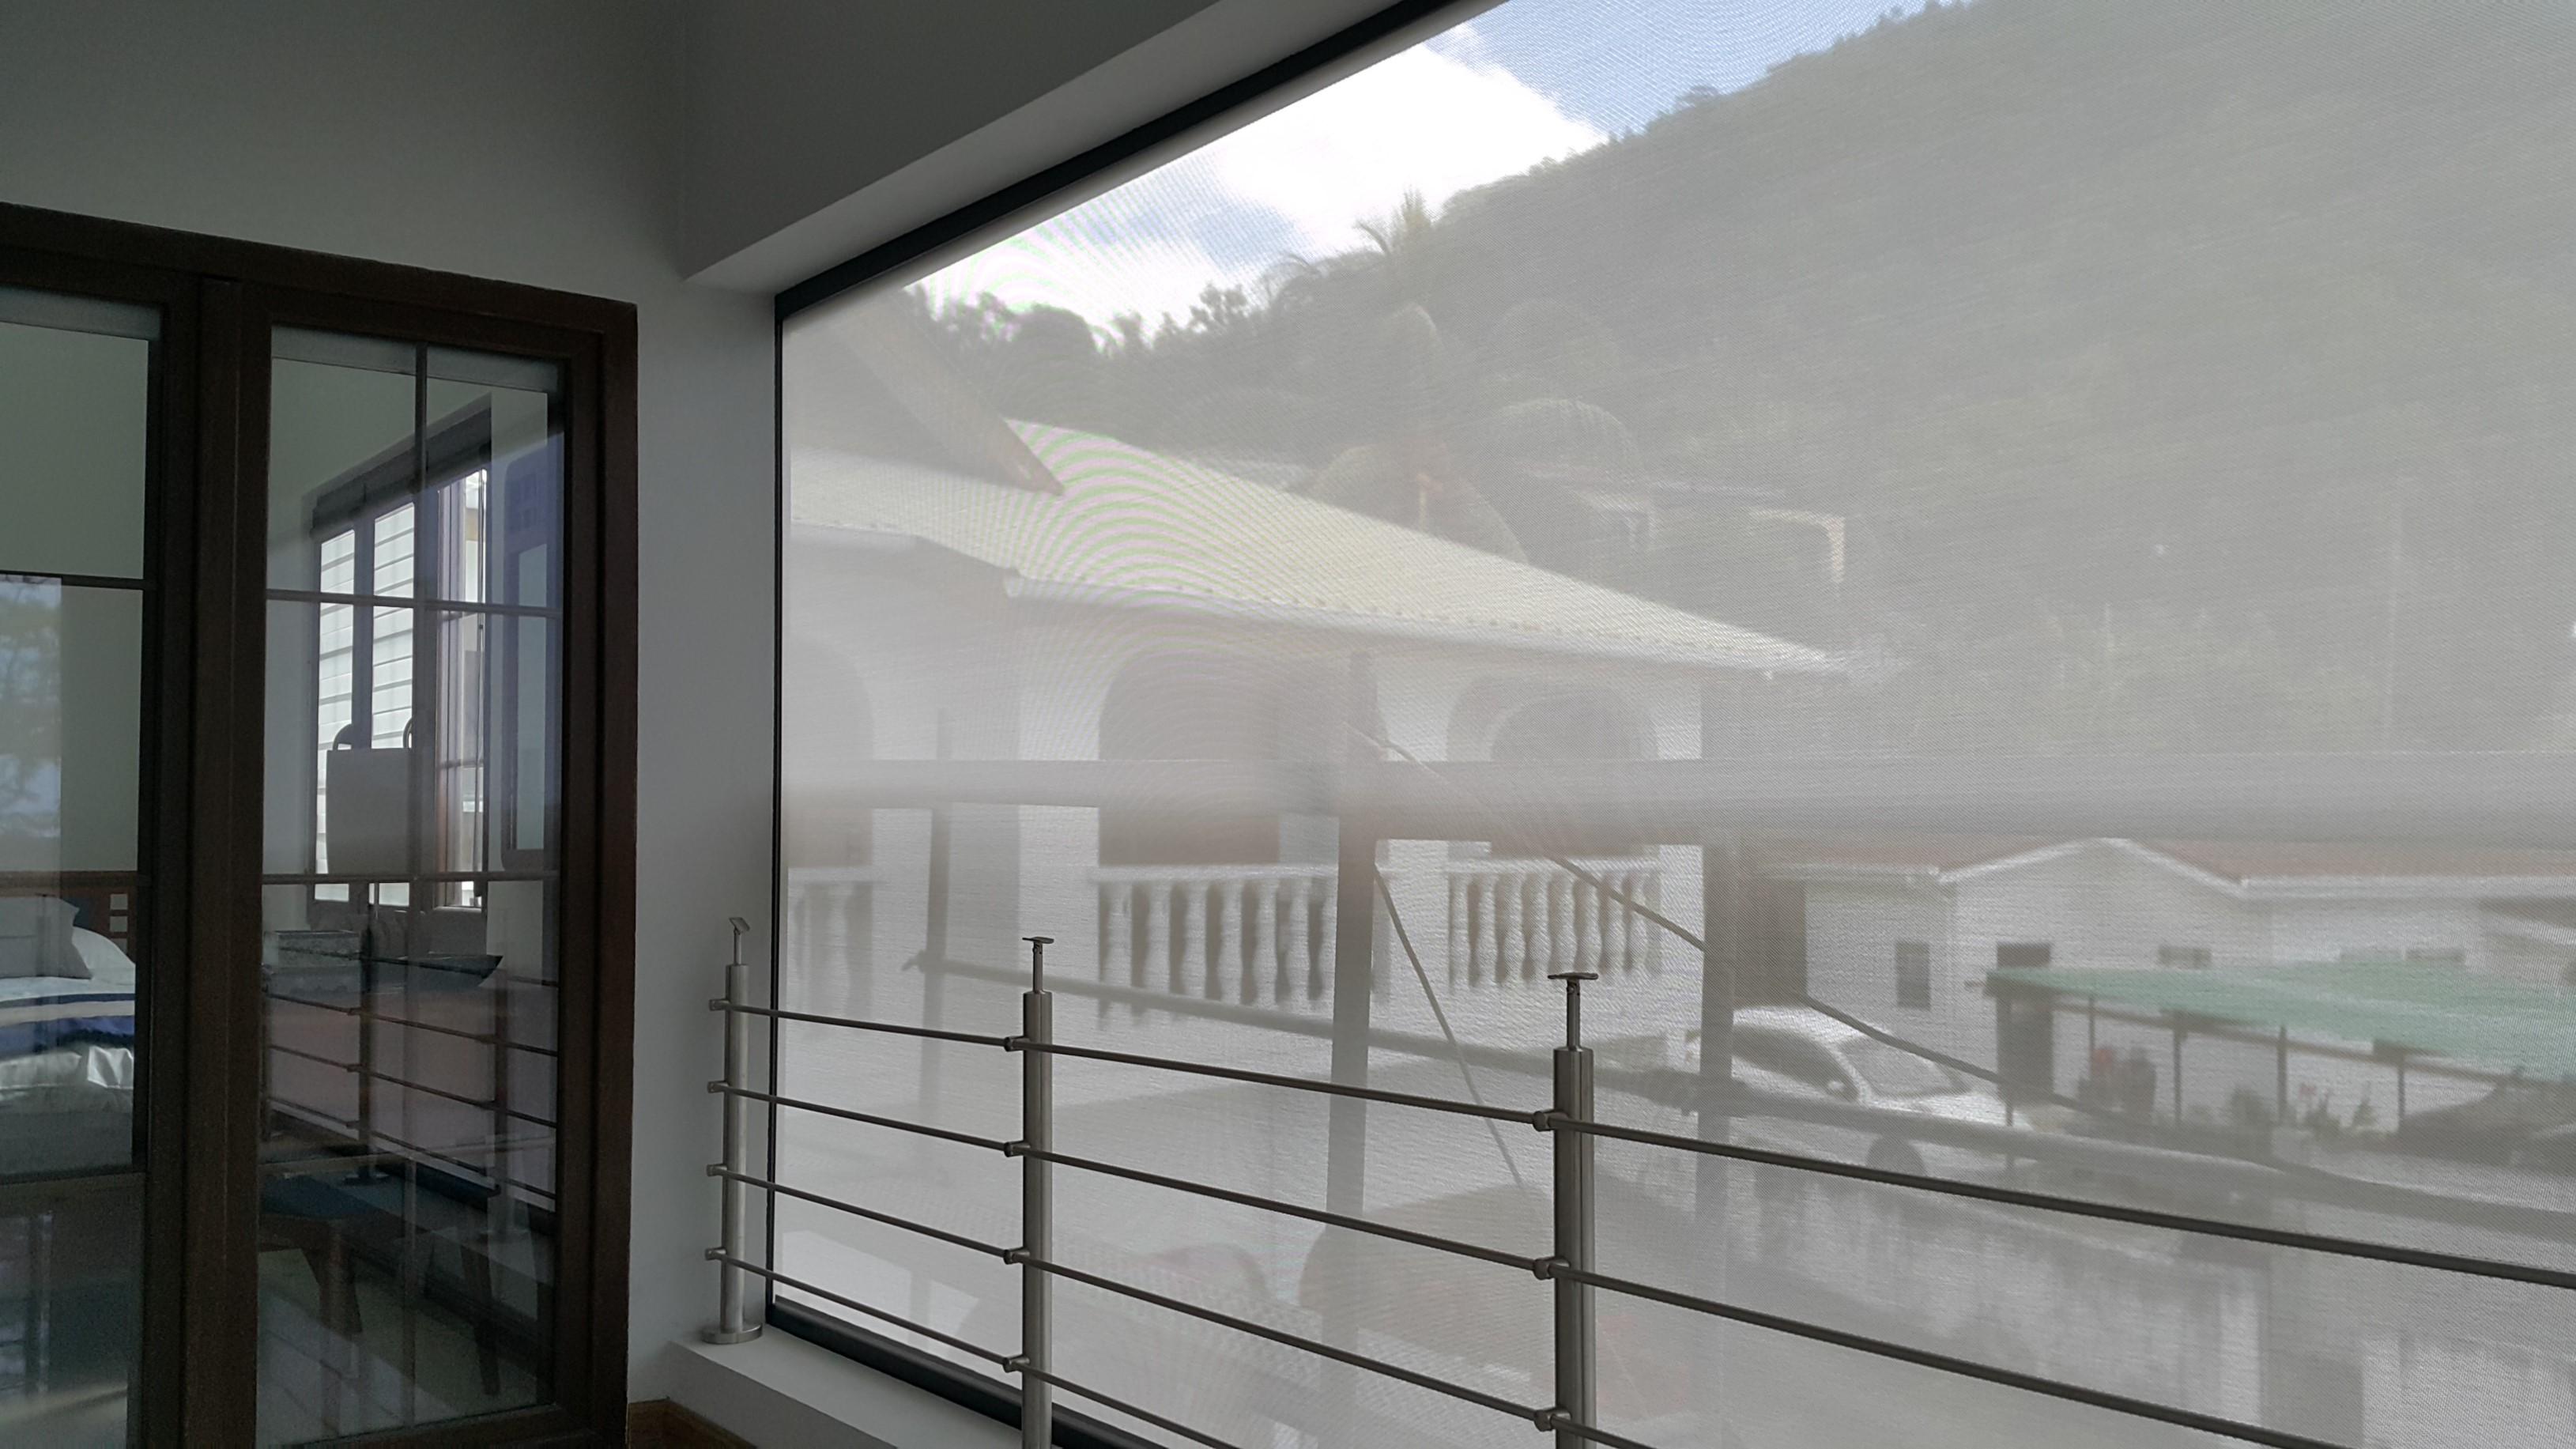 Rolety screenowe mogą być wykonane z tkanin transparentnych, które nie ograniczają widoków za oknem.